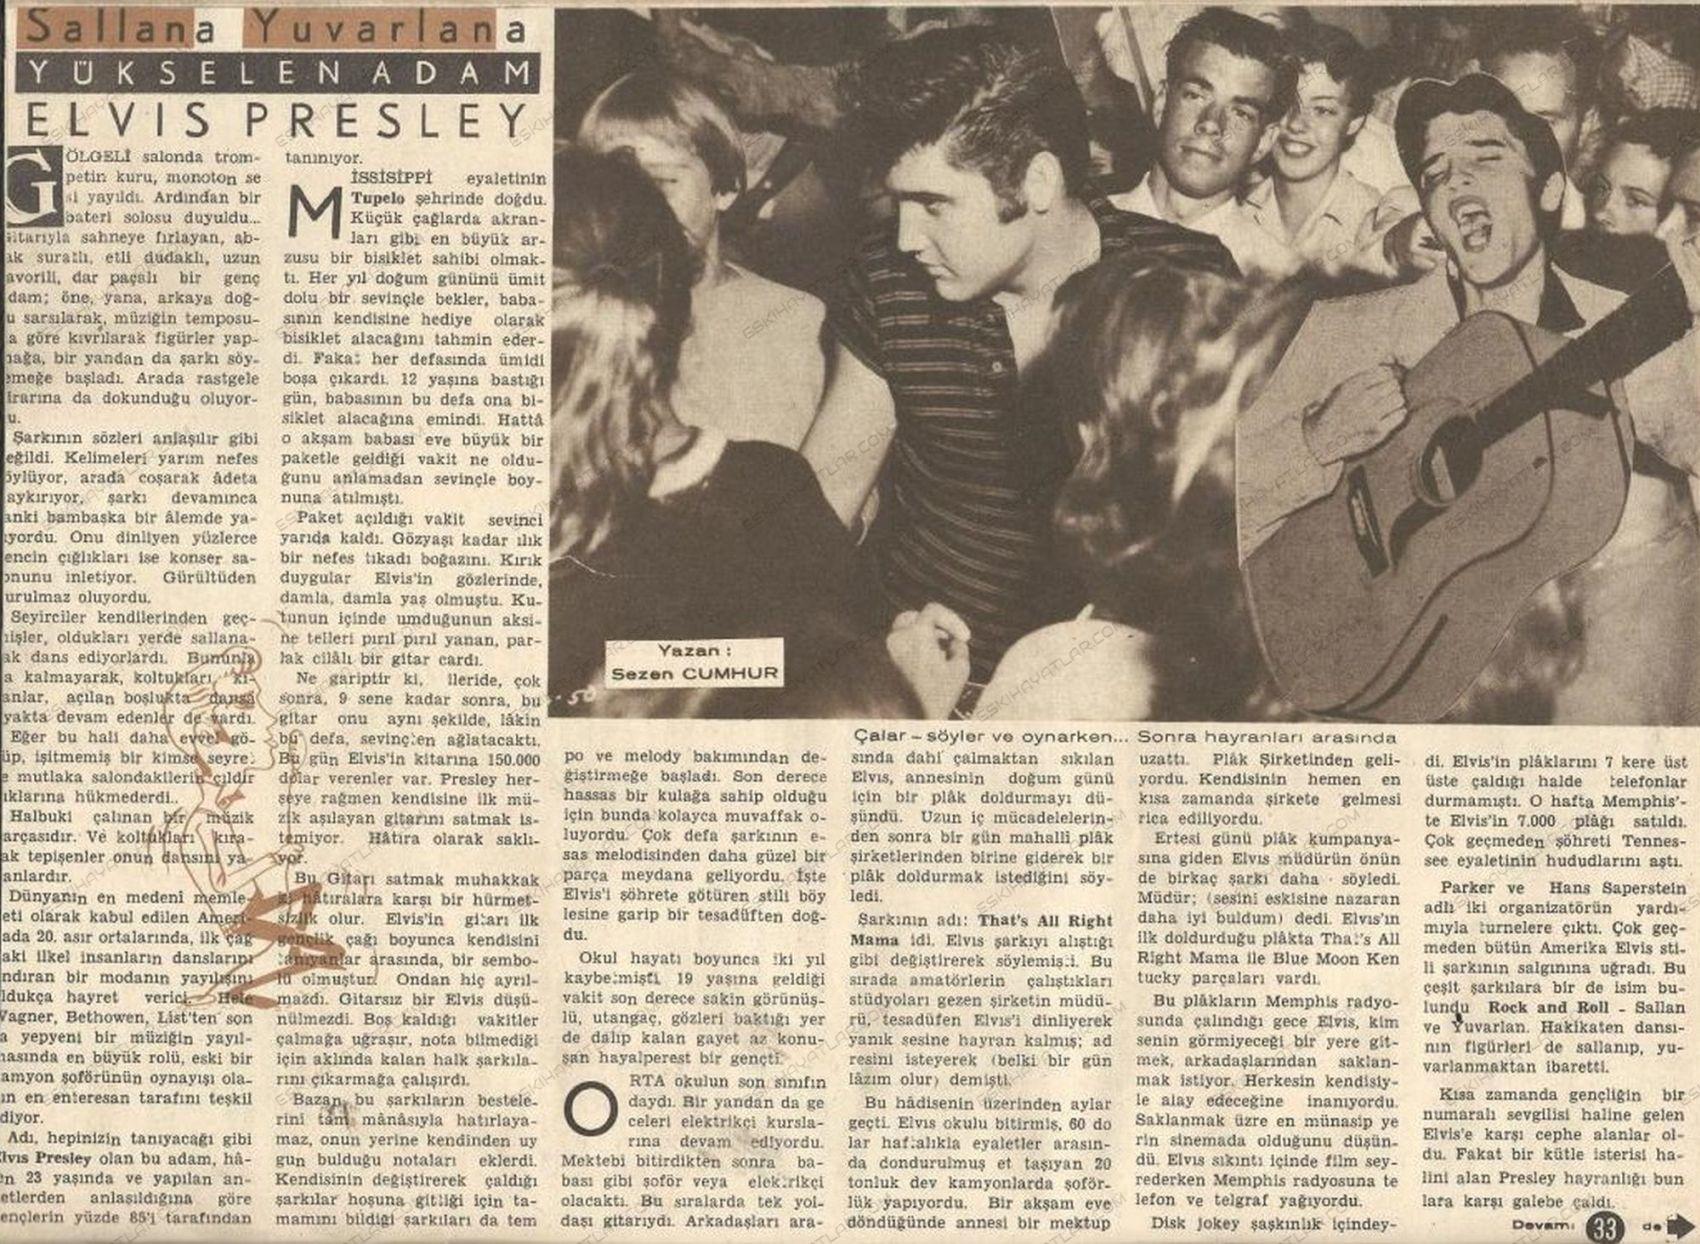 0241-elvis-presley-haberleri-1958-yelpaze-dergisi-sezen-cumhur-onal (5)